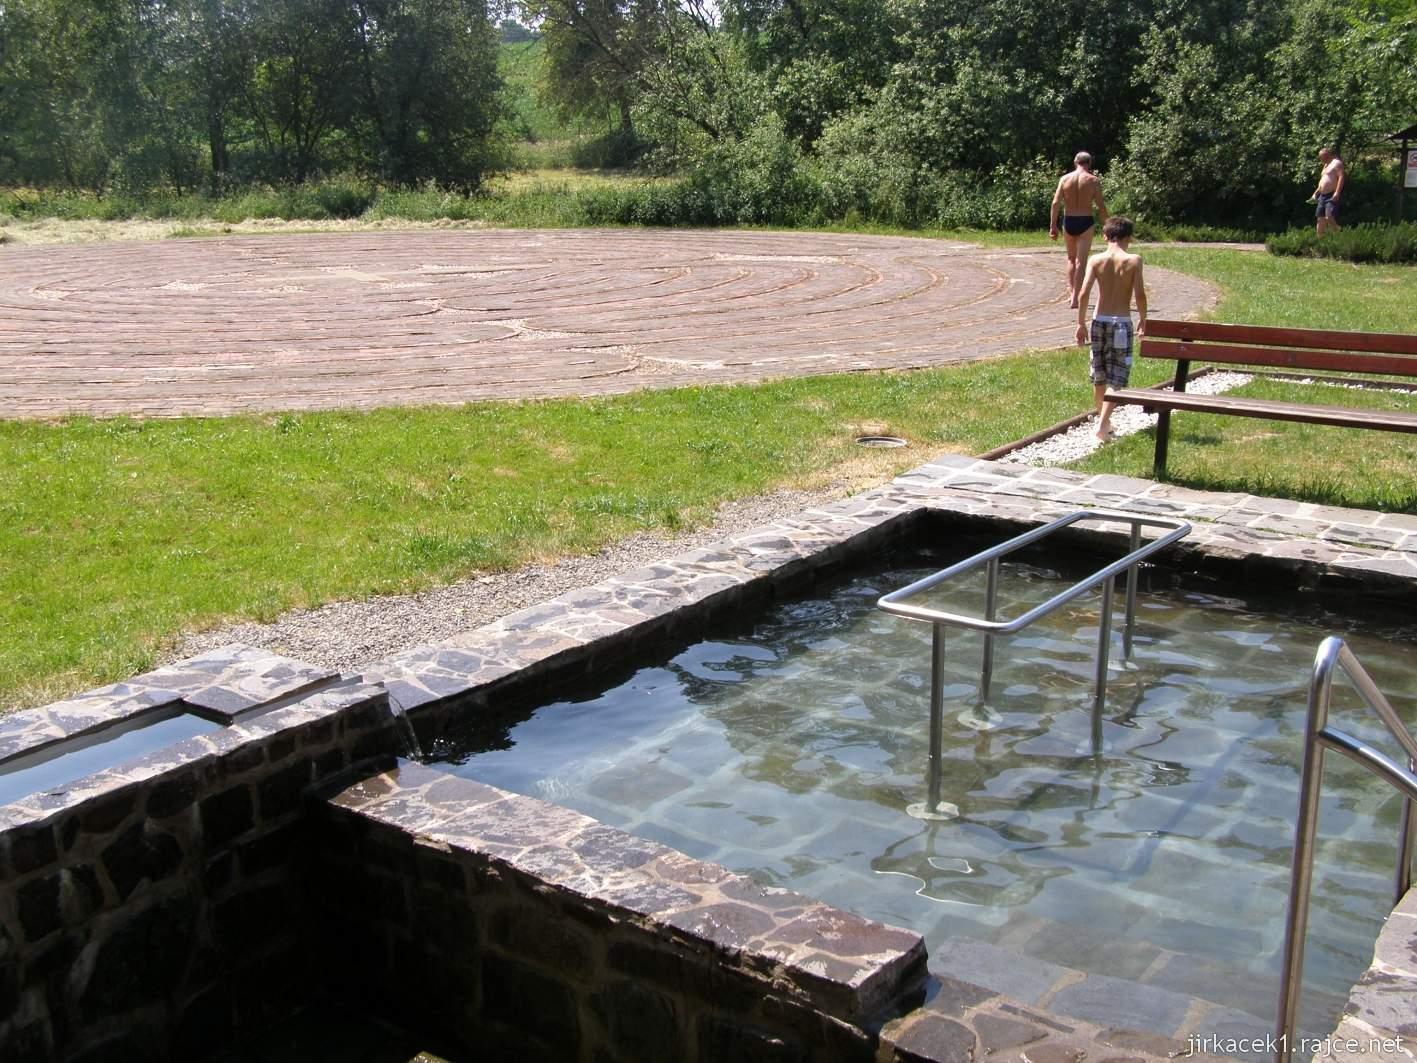 Bělá - Priessnitzovy přírodní lázně 09 - koupací bazén a Křesťanský labyrint